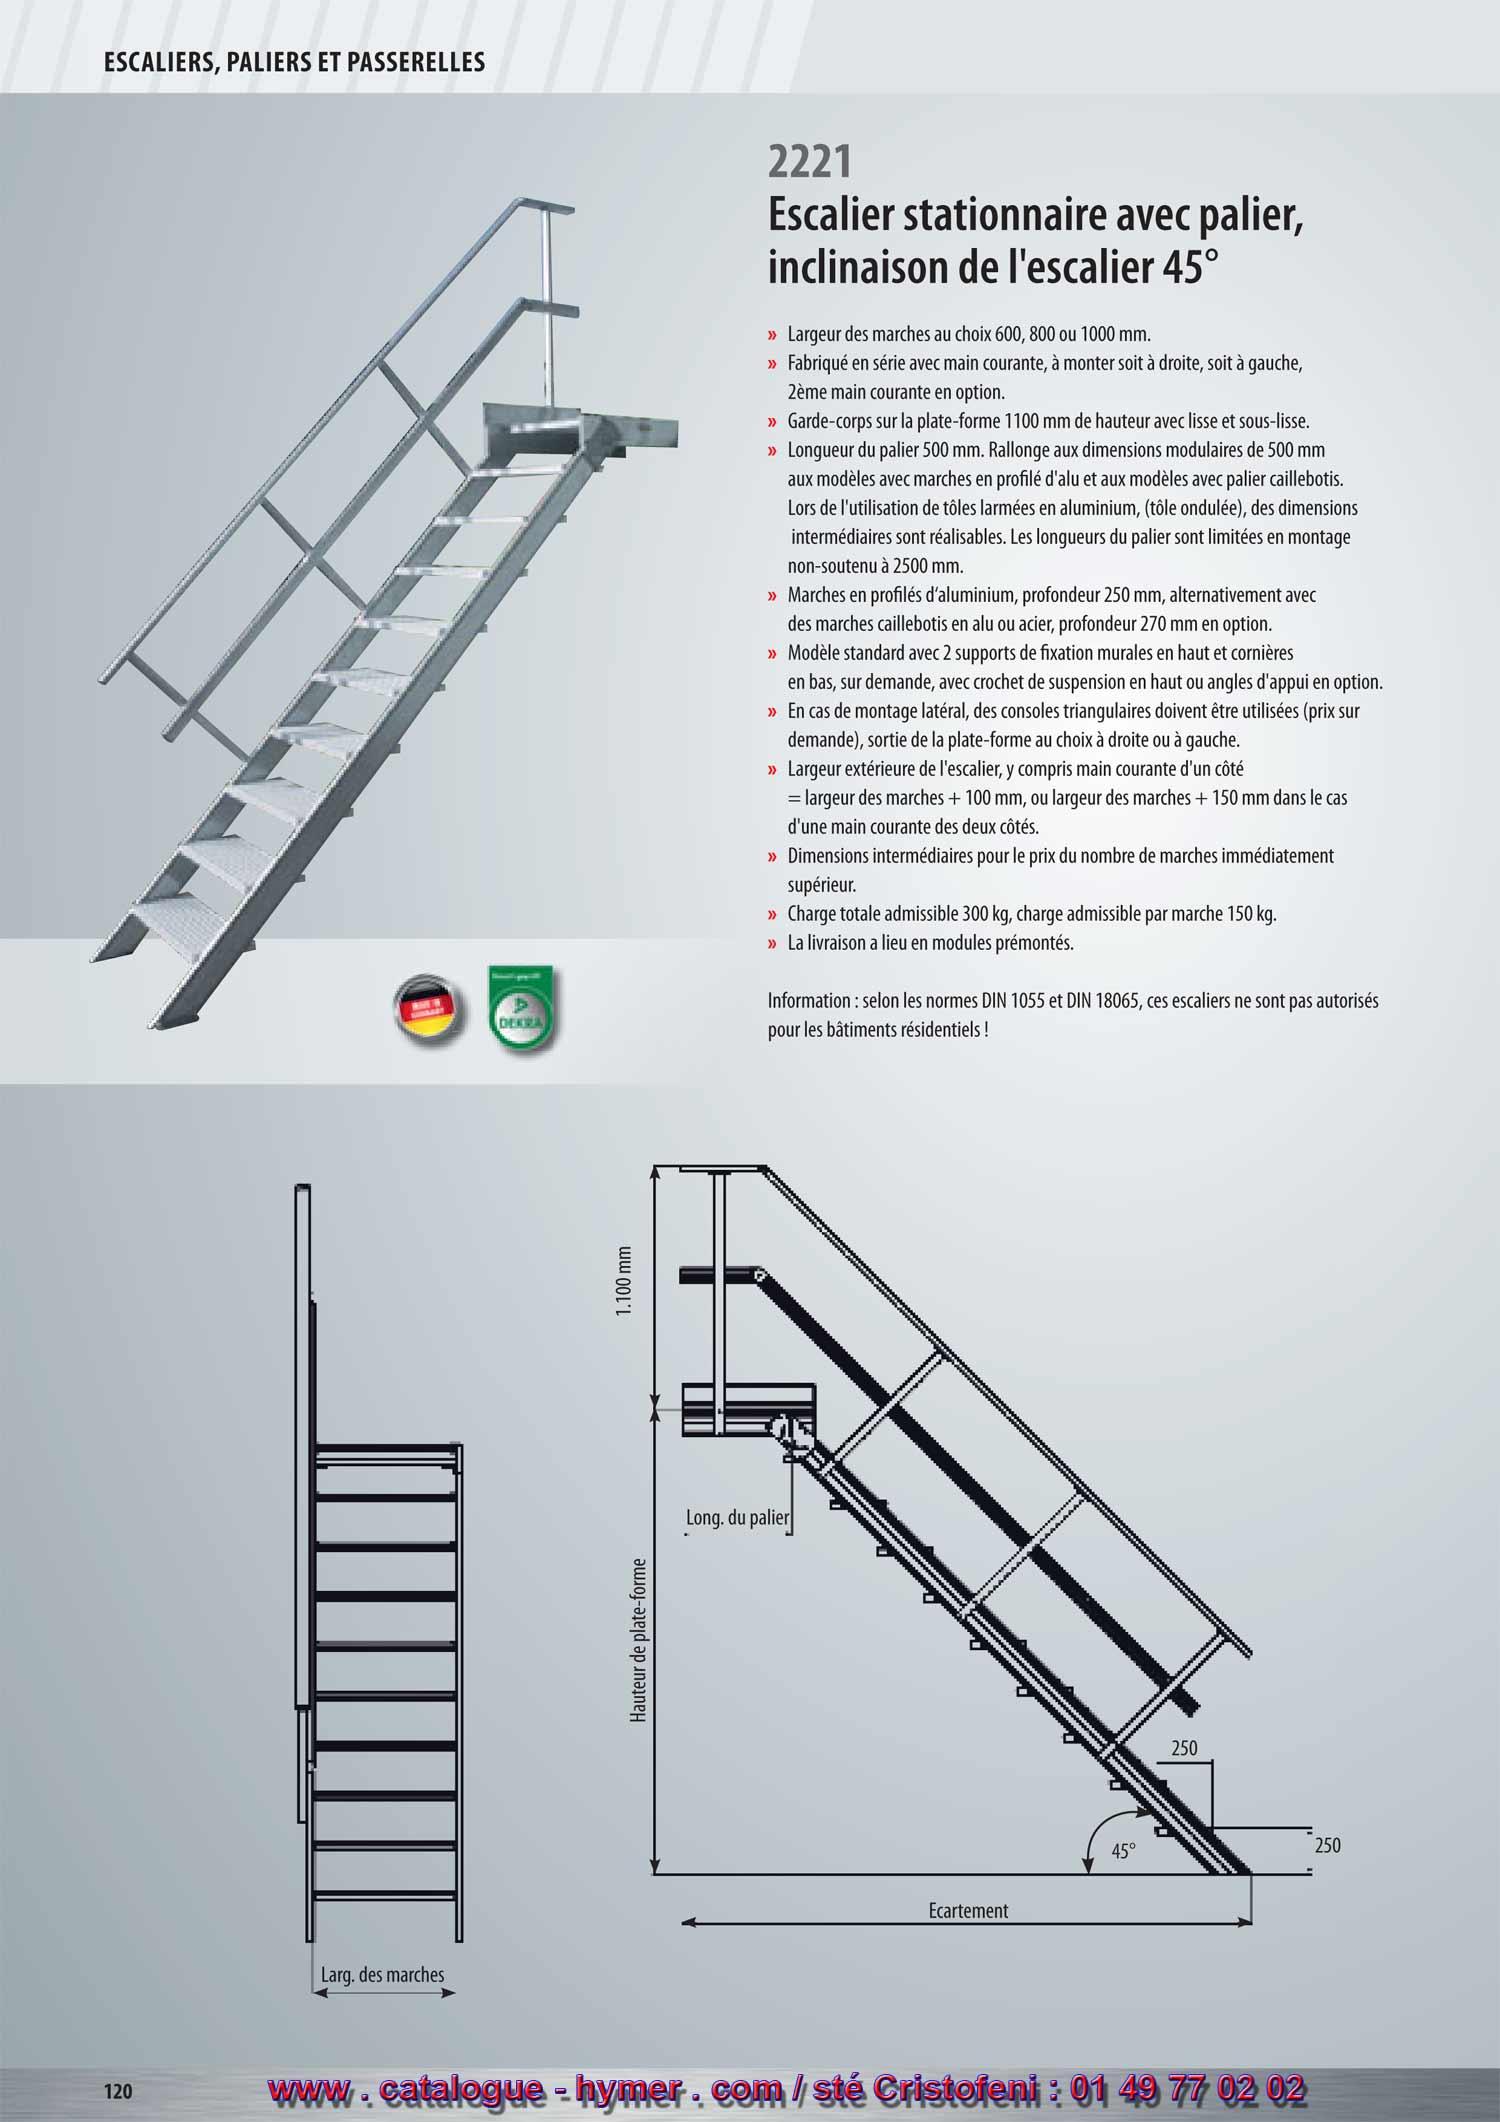 largeur marche escalier cool schema de luescalier. Black Bedroom Furniture Sets. Home Design Ideas